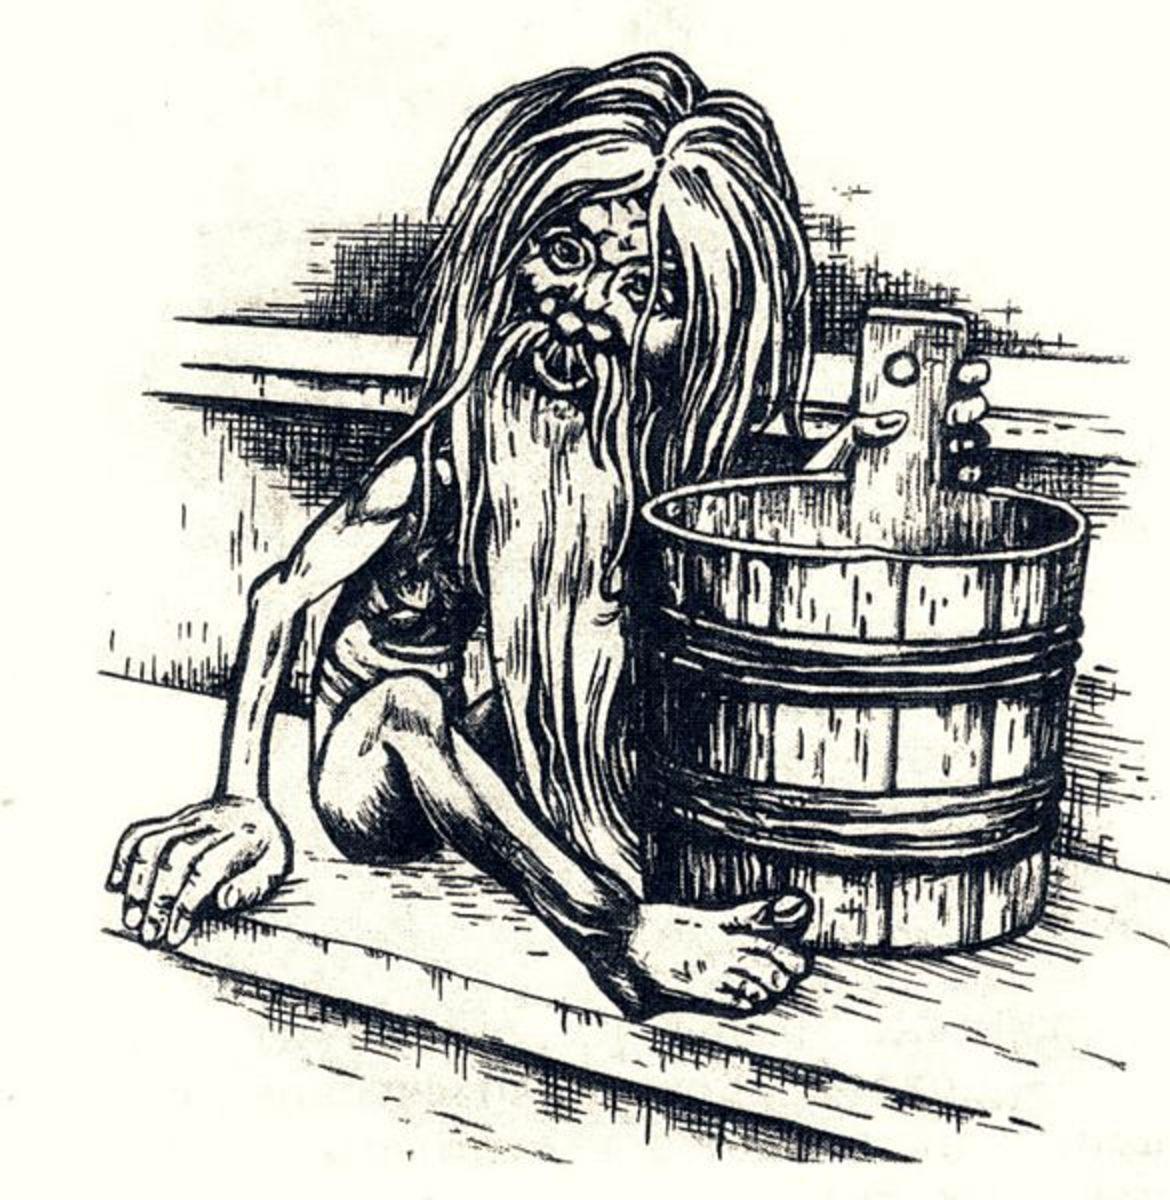 7-creepy-creatures-from-slavic-mythology